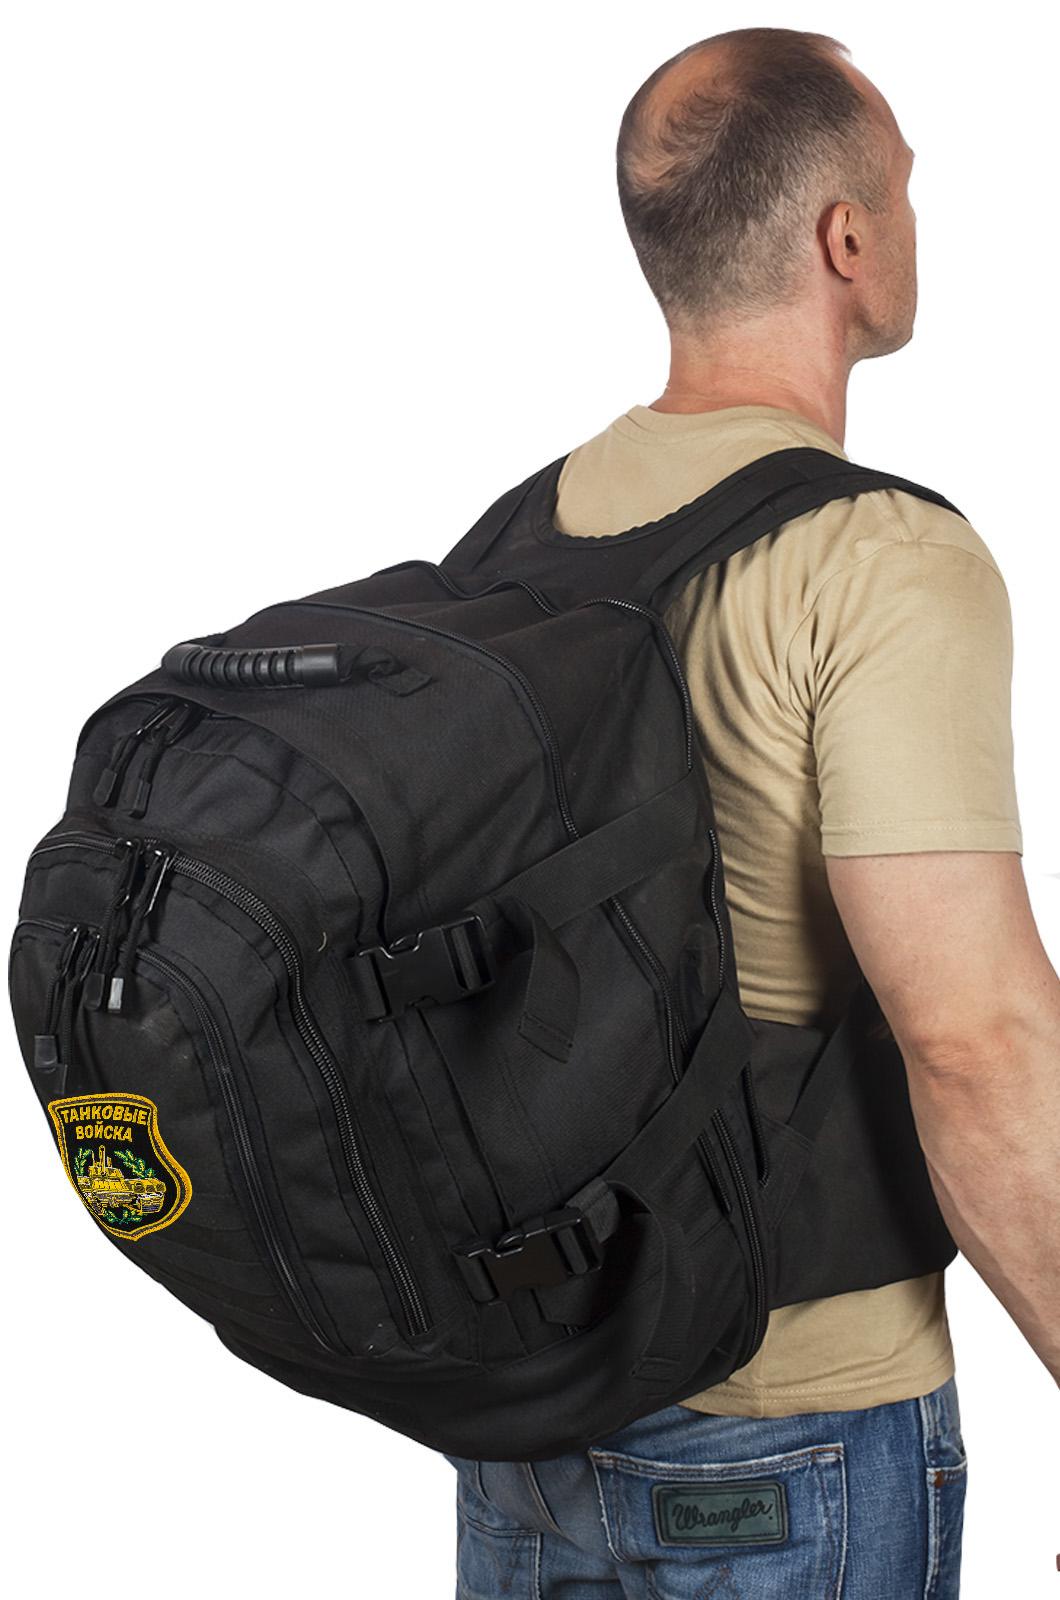 Крутой удобный рюкзак с нашивкой Танковые Войска - купить выгодно